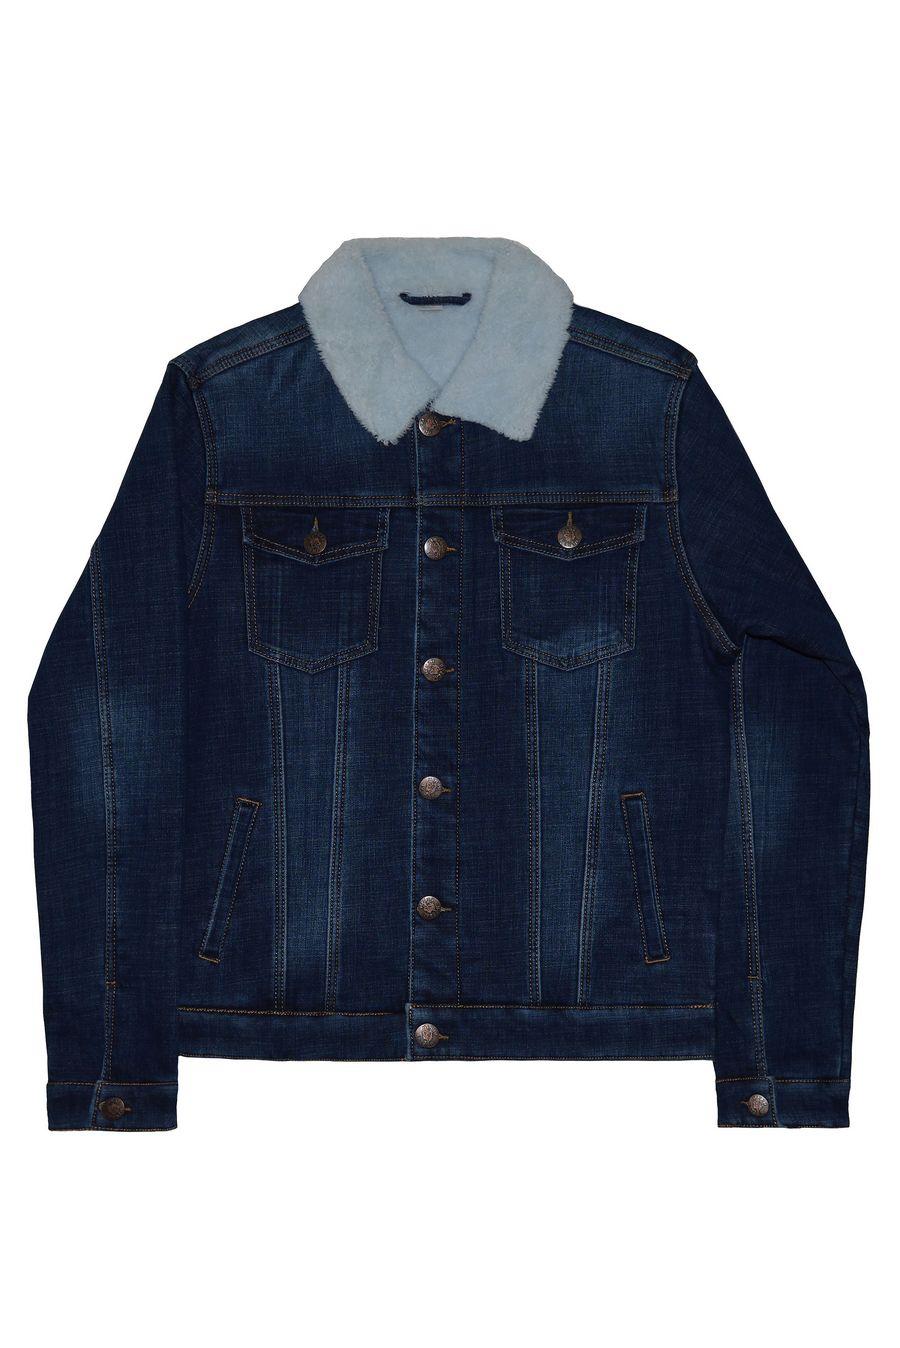 Куртка мужская Hopeai T582 утепленная - фото 1